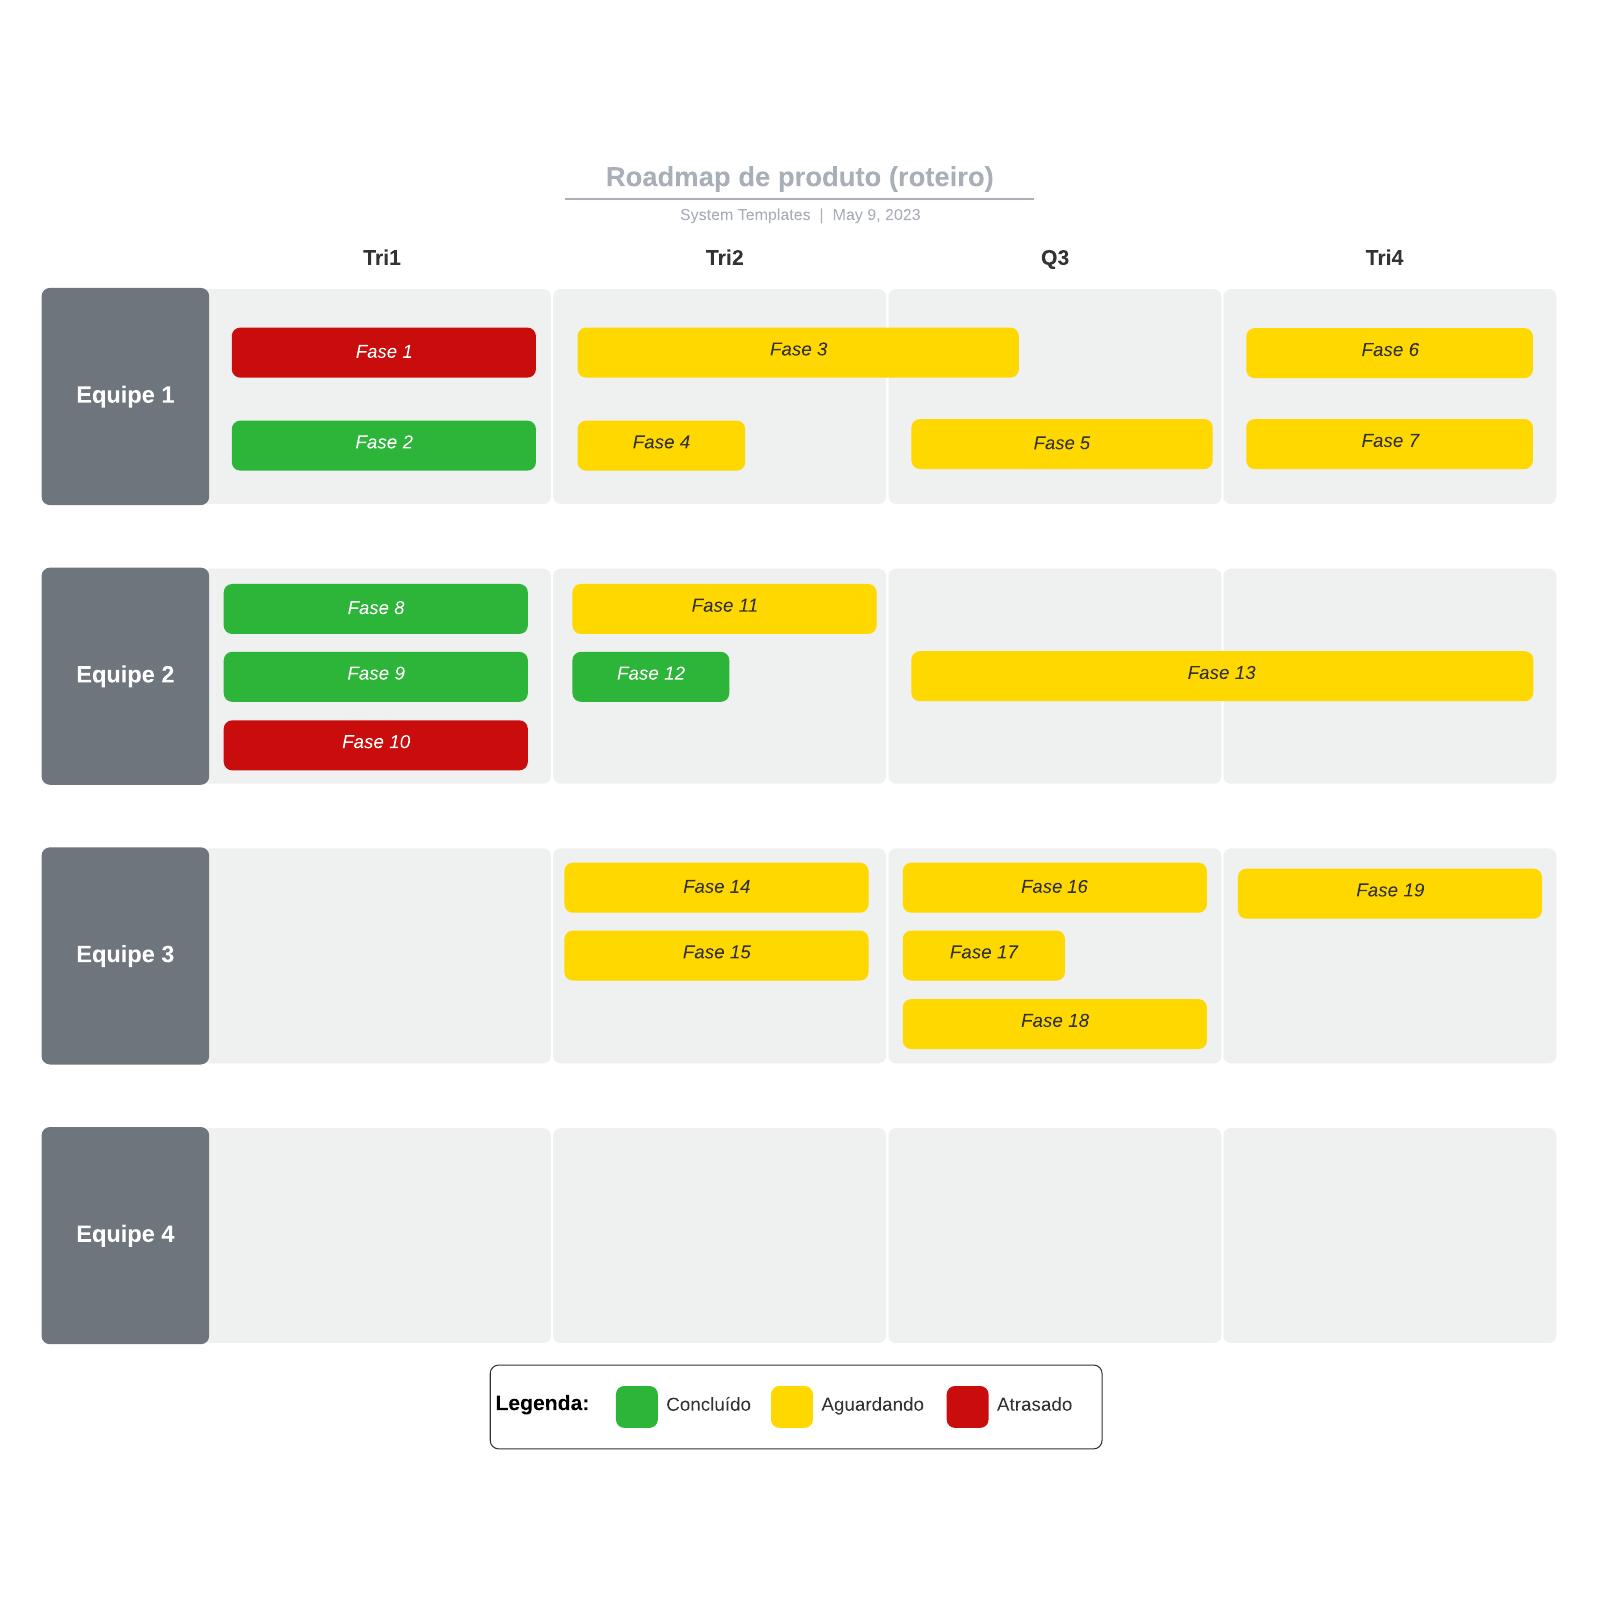 Roadmap de produto (roteiro)